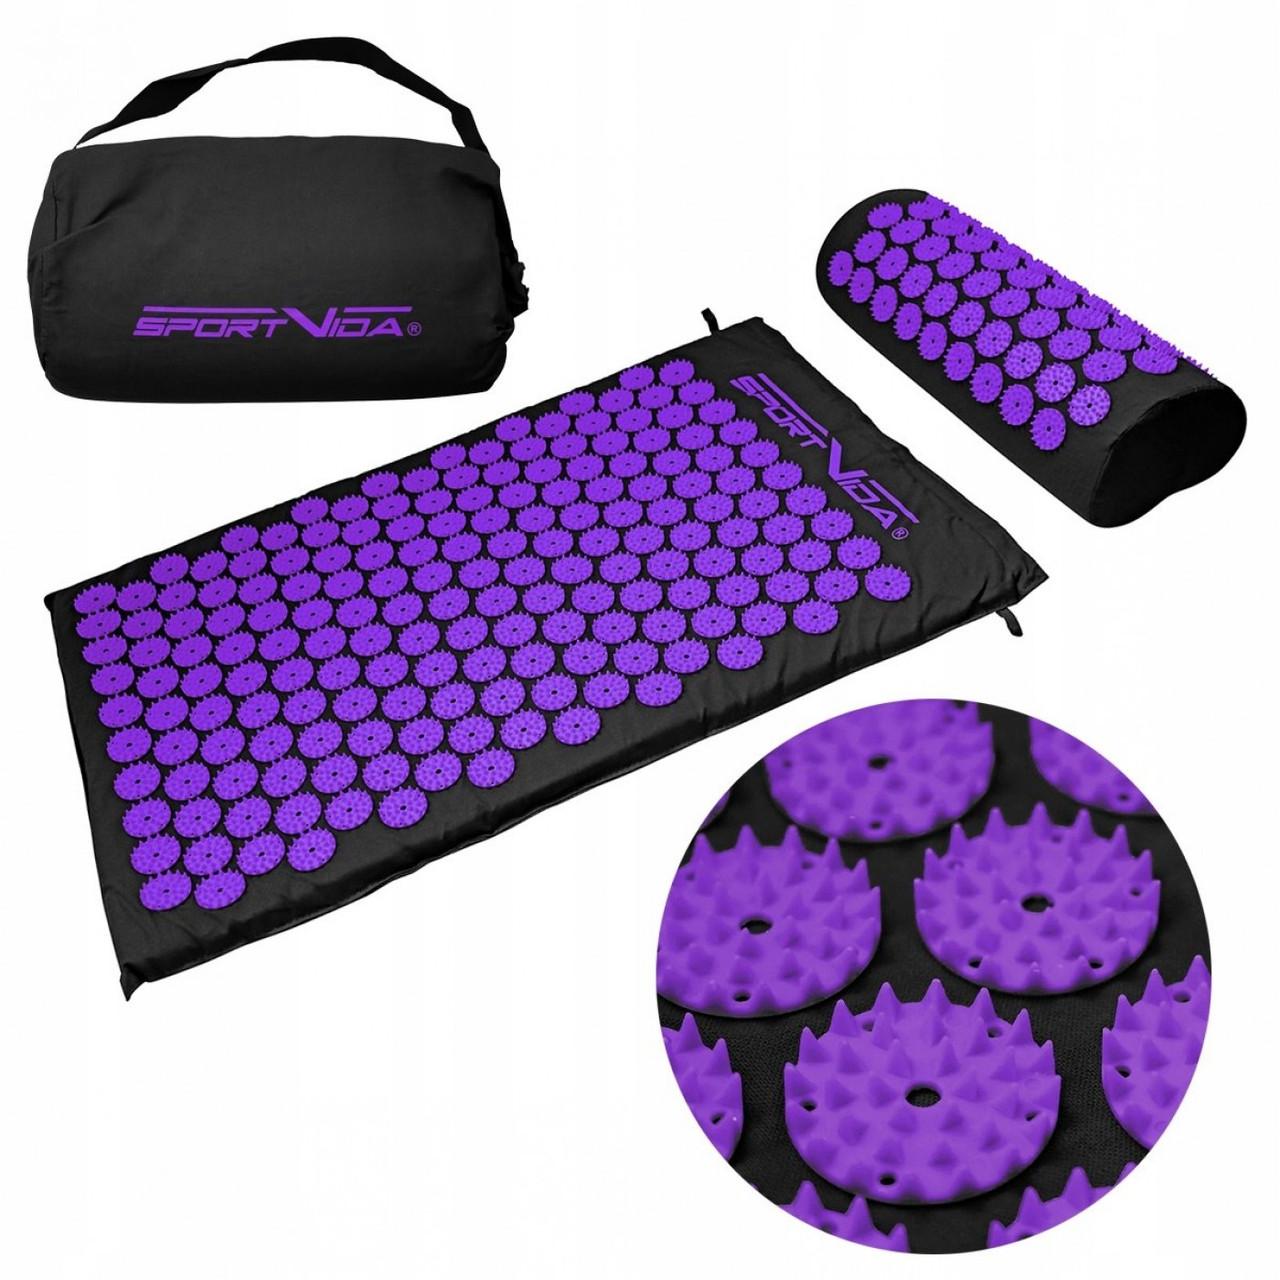 Коврик акупунктурный с валиком SportVida Аппликатор Кузнецова 66 x 40 см SV-HK0408 Black/Violet